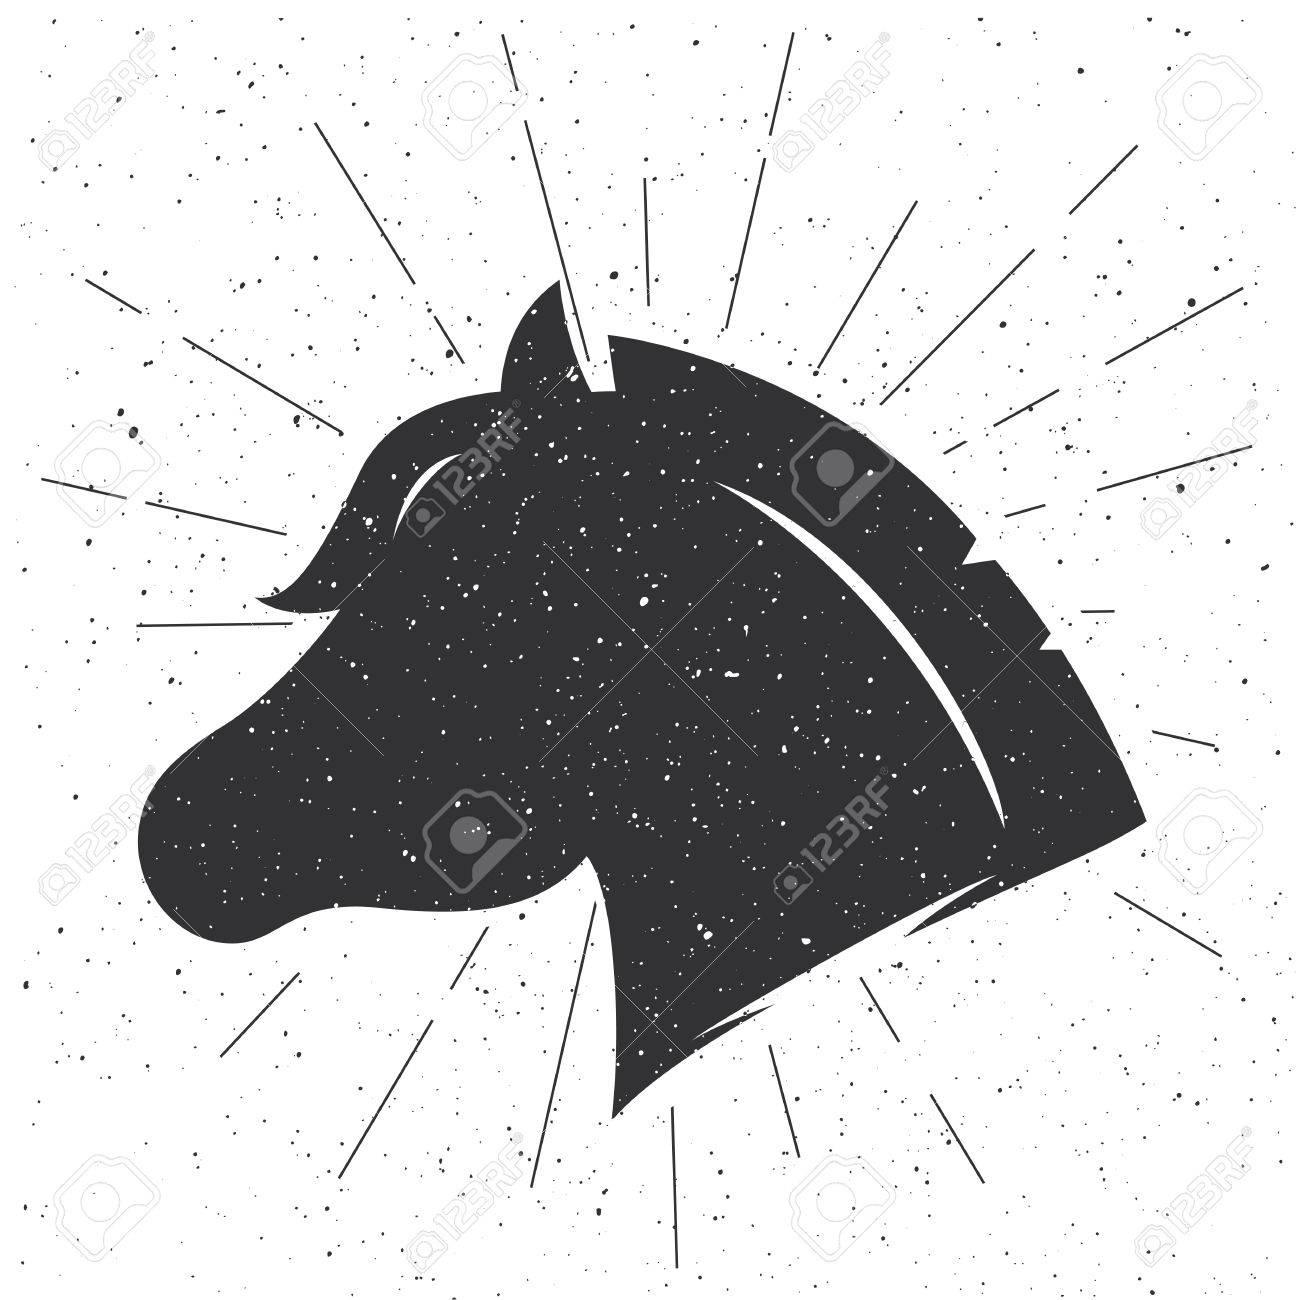 Pferdekopf Silhouette Im Retro Stil Vektor Zeichen Auf Weissem Hintergrund Logo Vorlage Lizenzfrei Nutzbare Vektorgrafiken Clip Arts Illustrationen Image 51566368